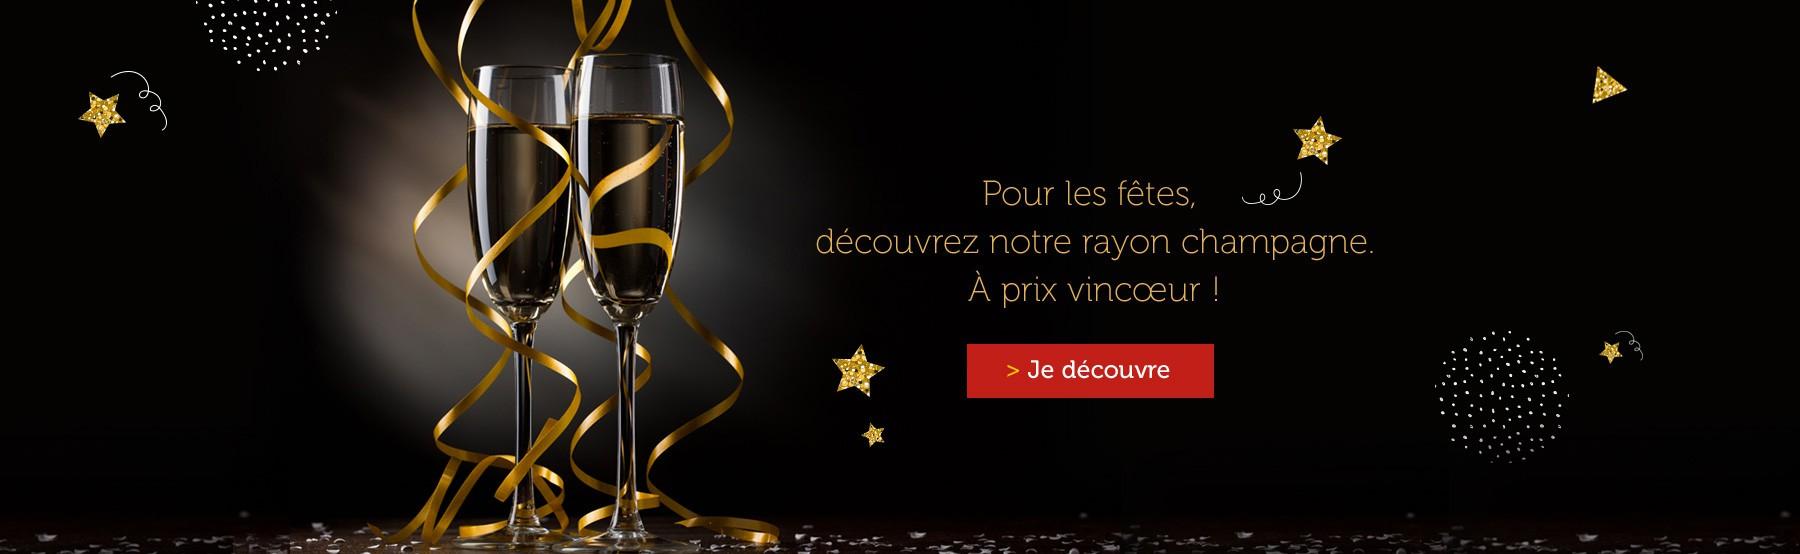 Notre sélection Champagne et de fines bulles !